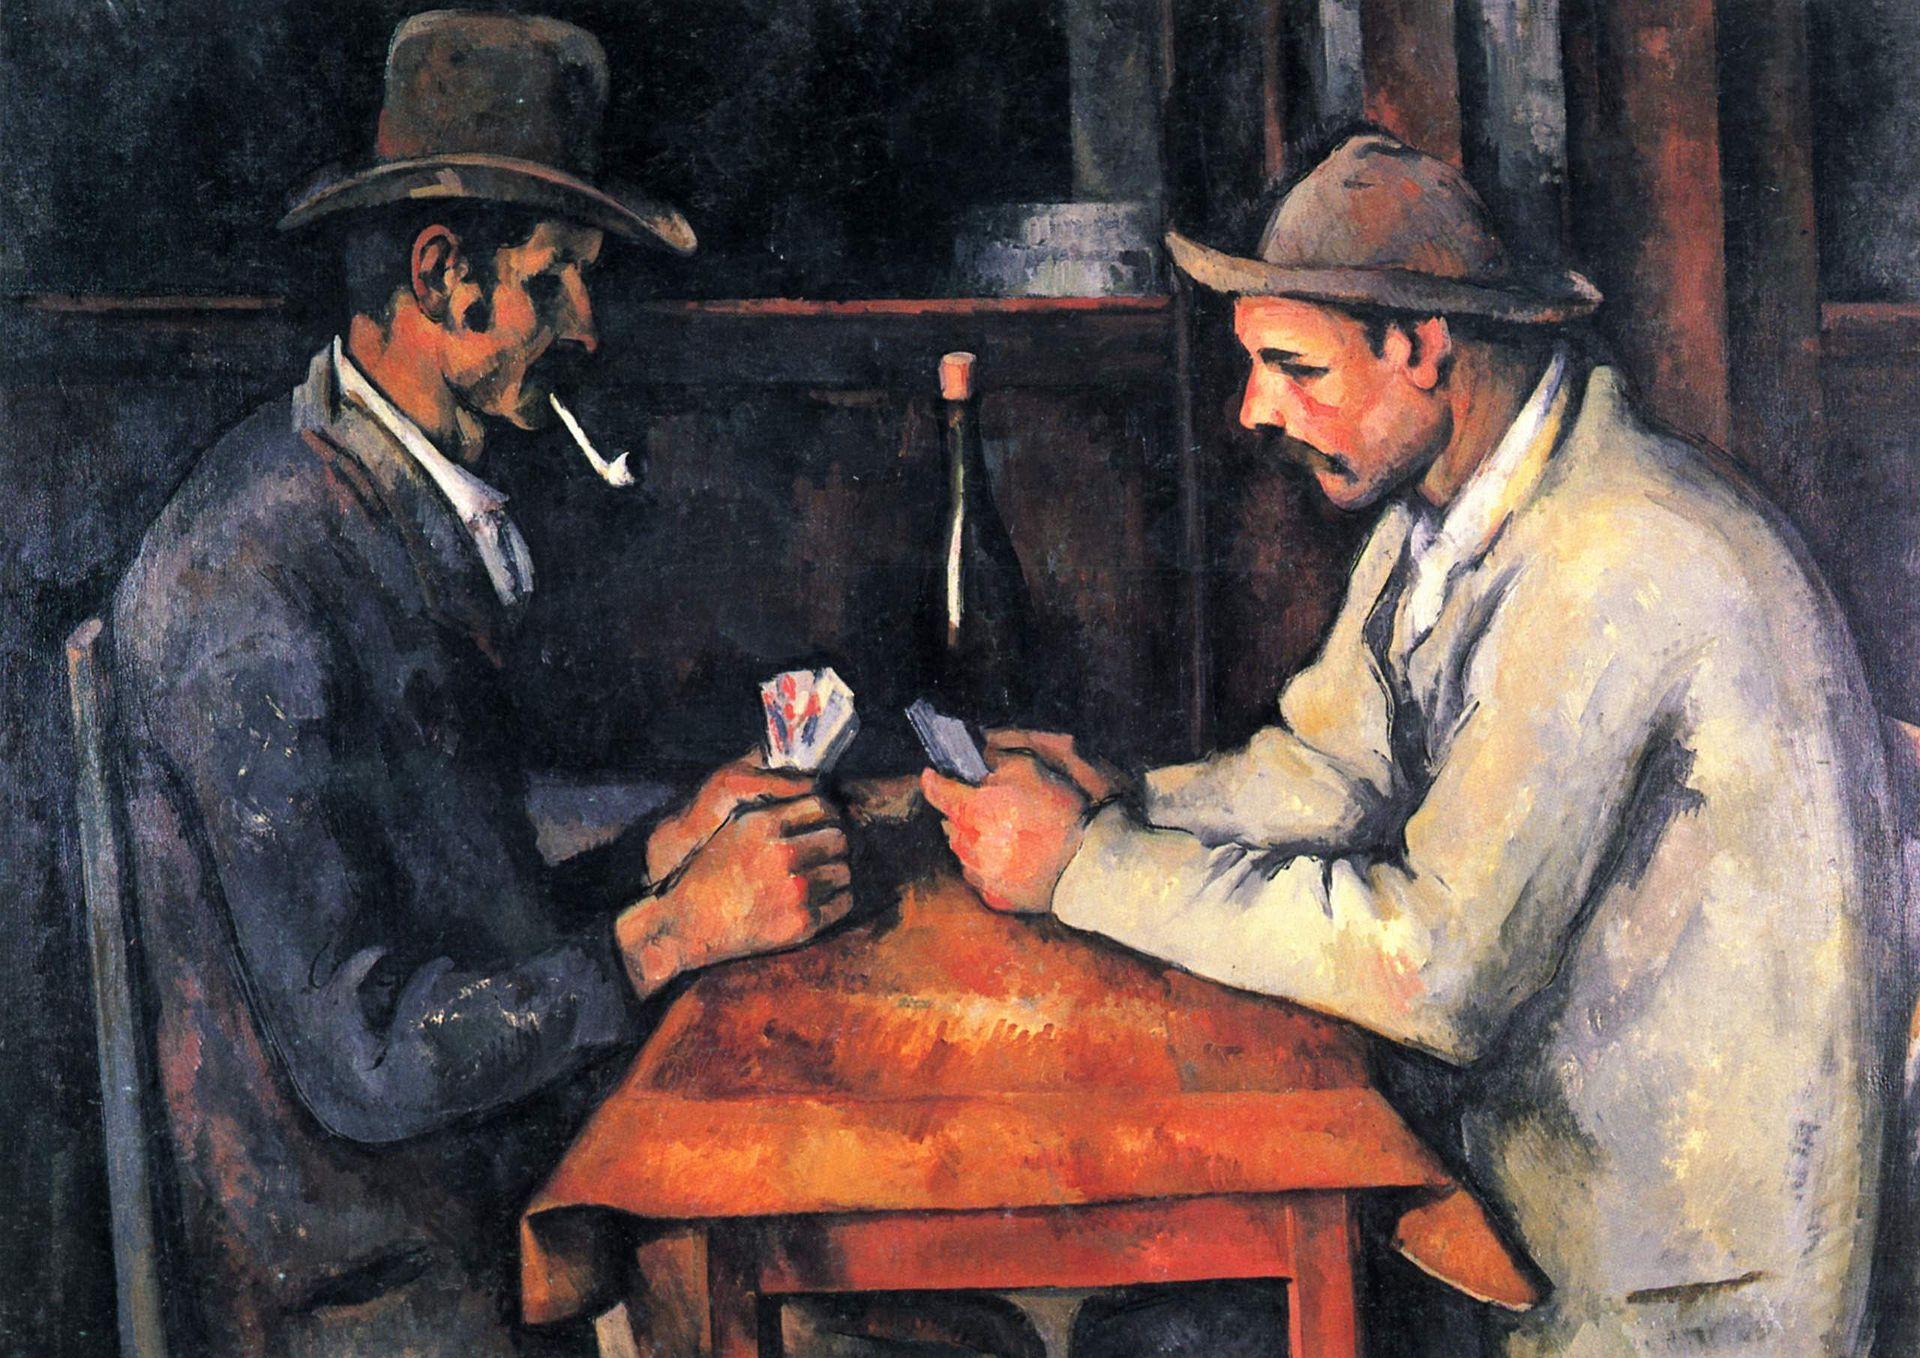 Paul Cézanne. The Card Players, 1892-1893, oil on canvas